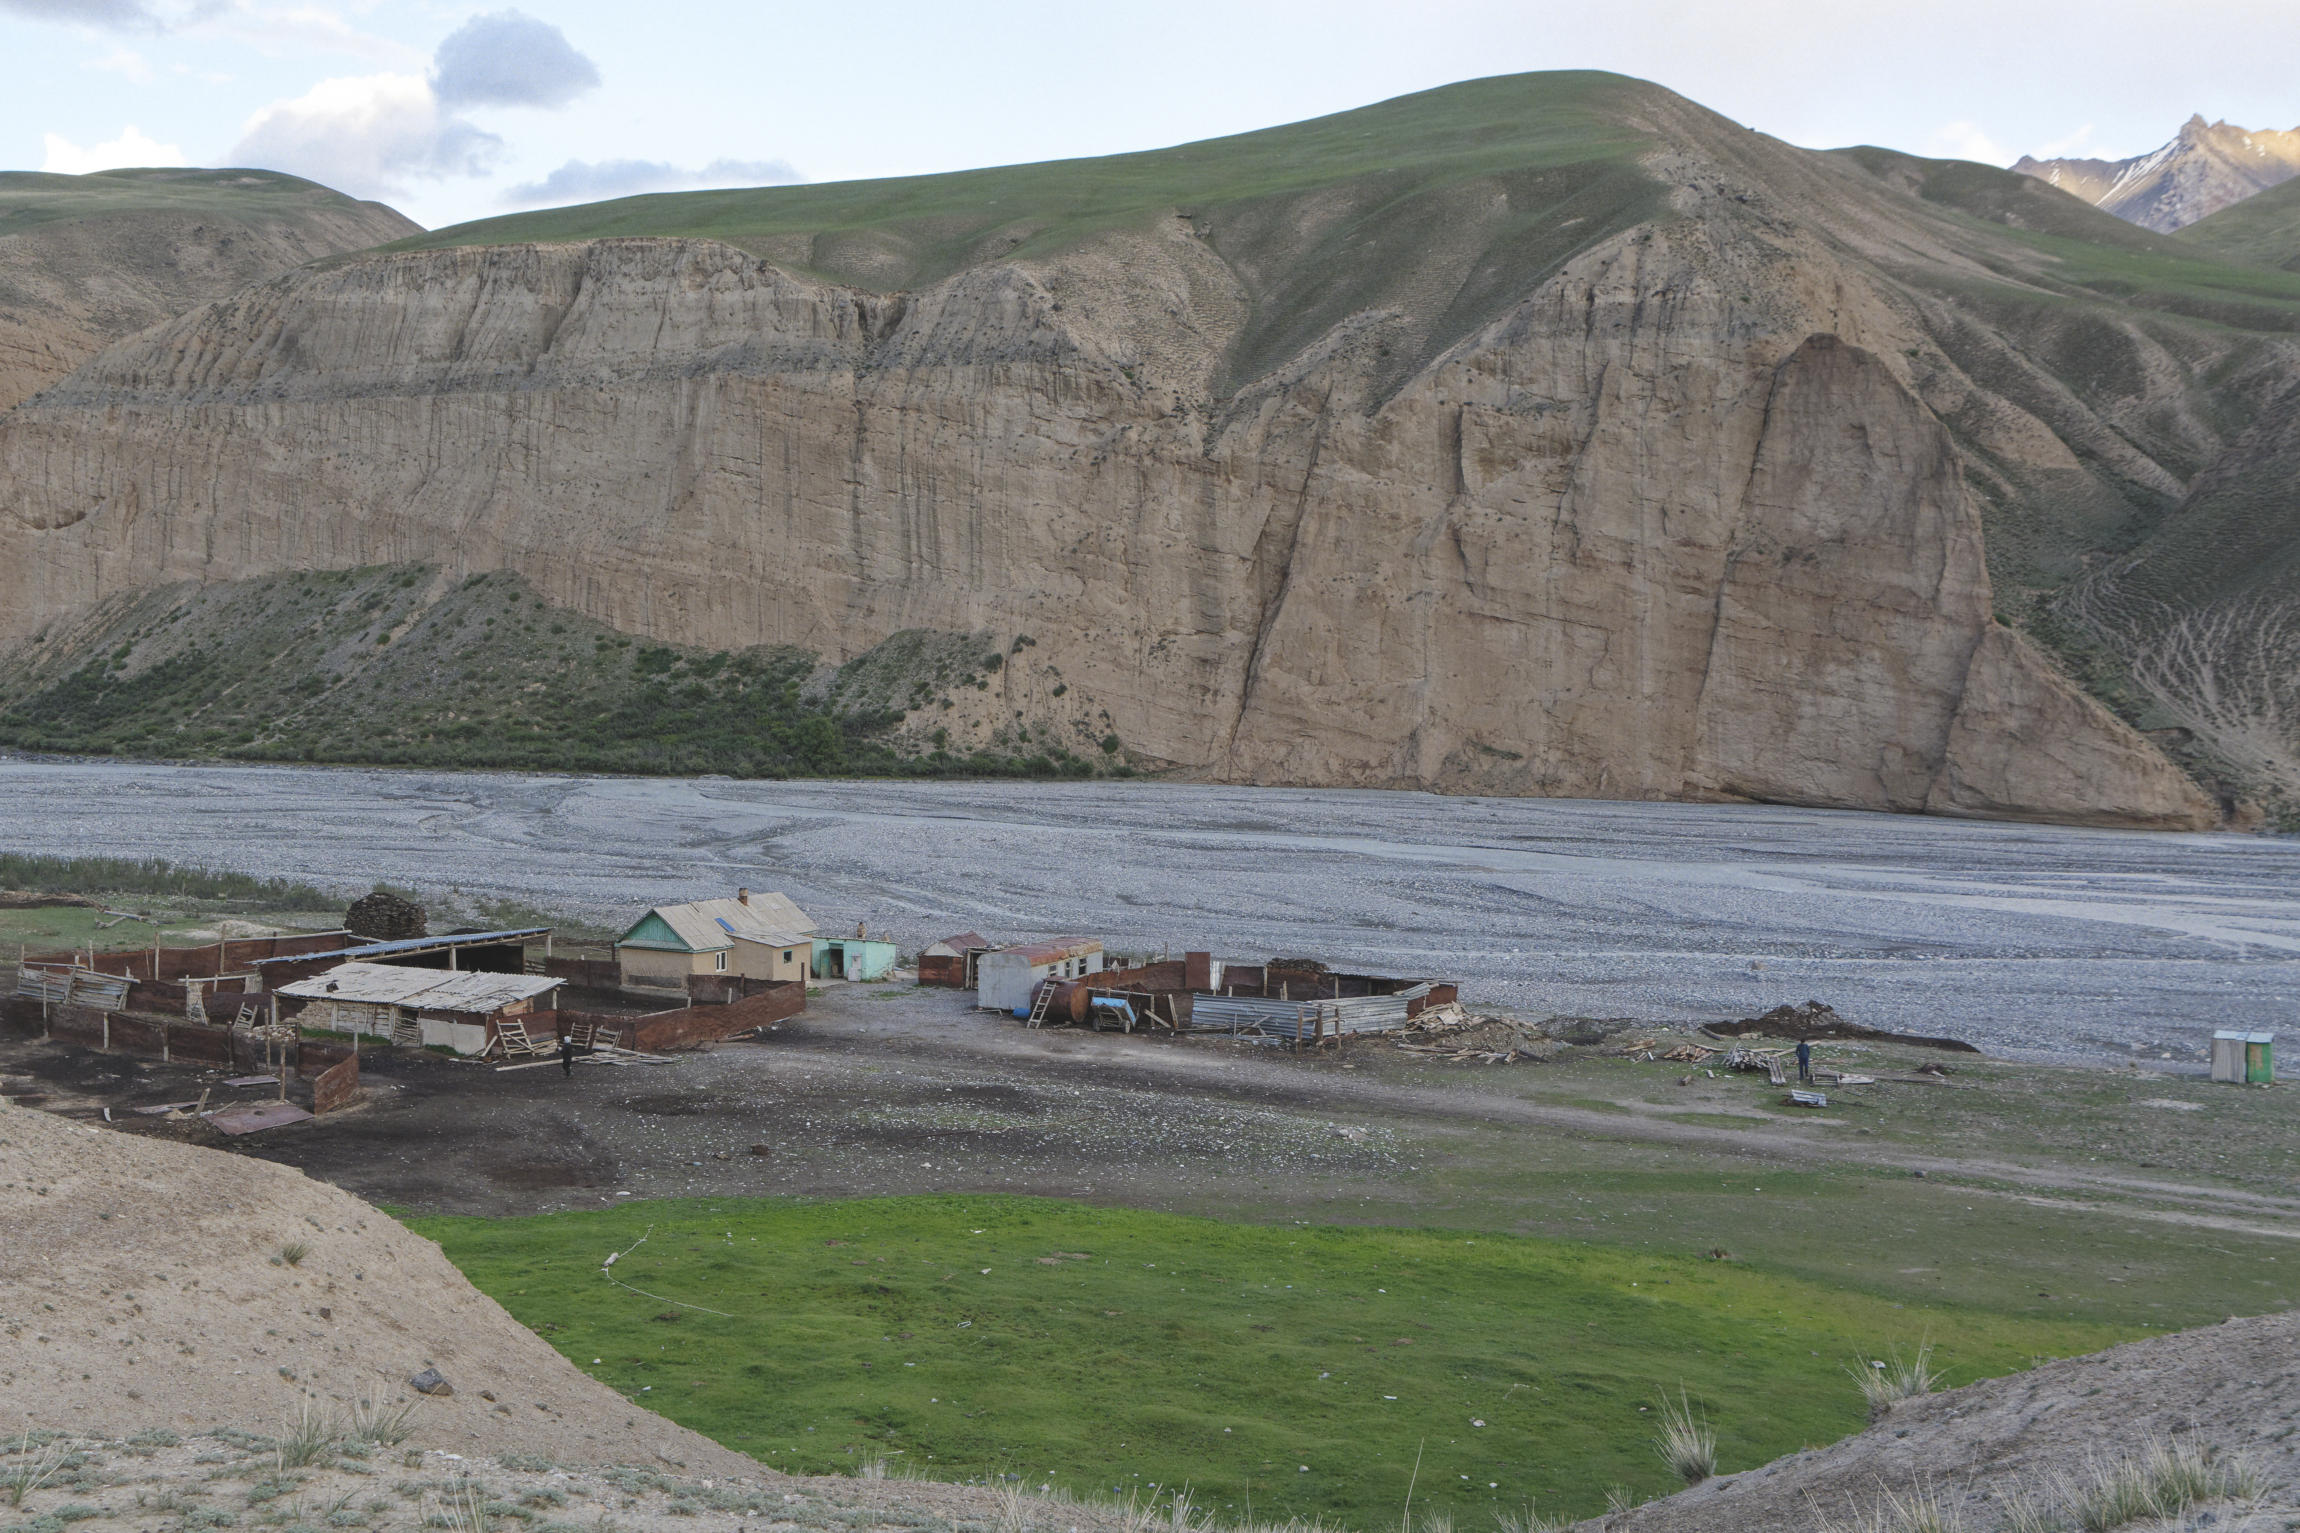 Ferme, falaises et rivière vallée de Kaindy Kirghizstan